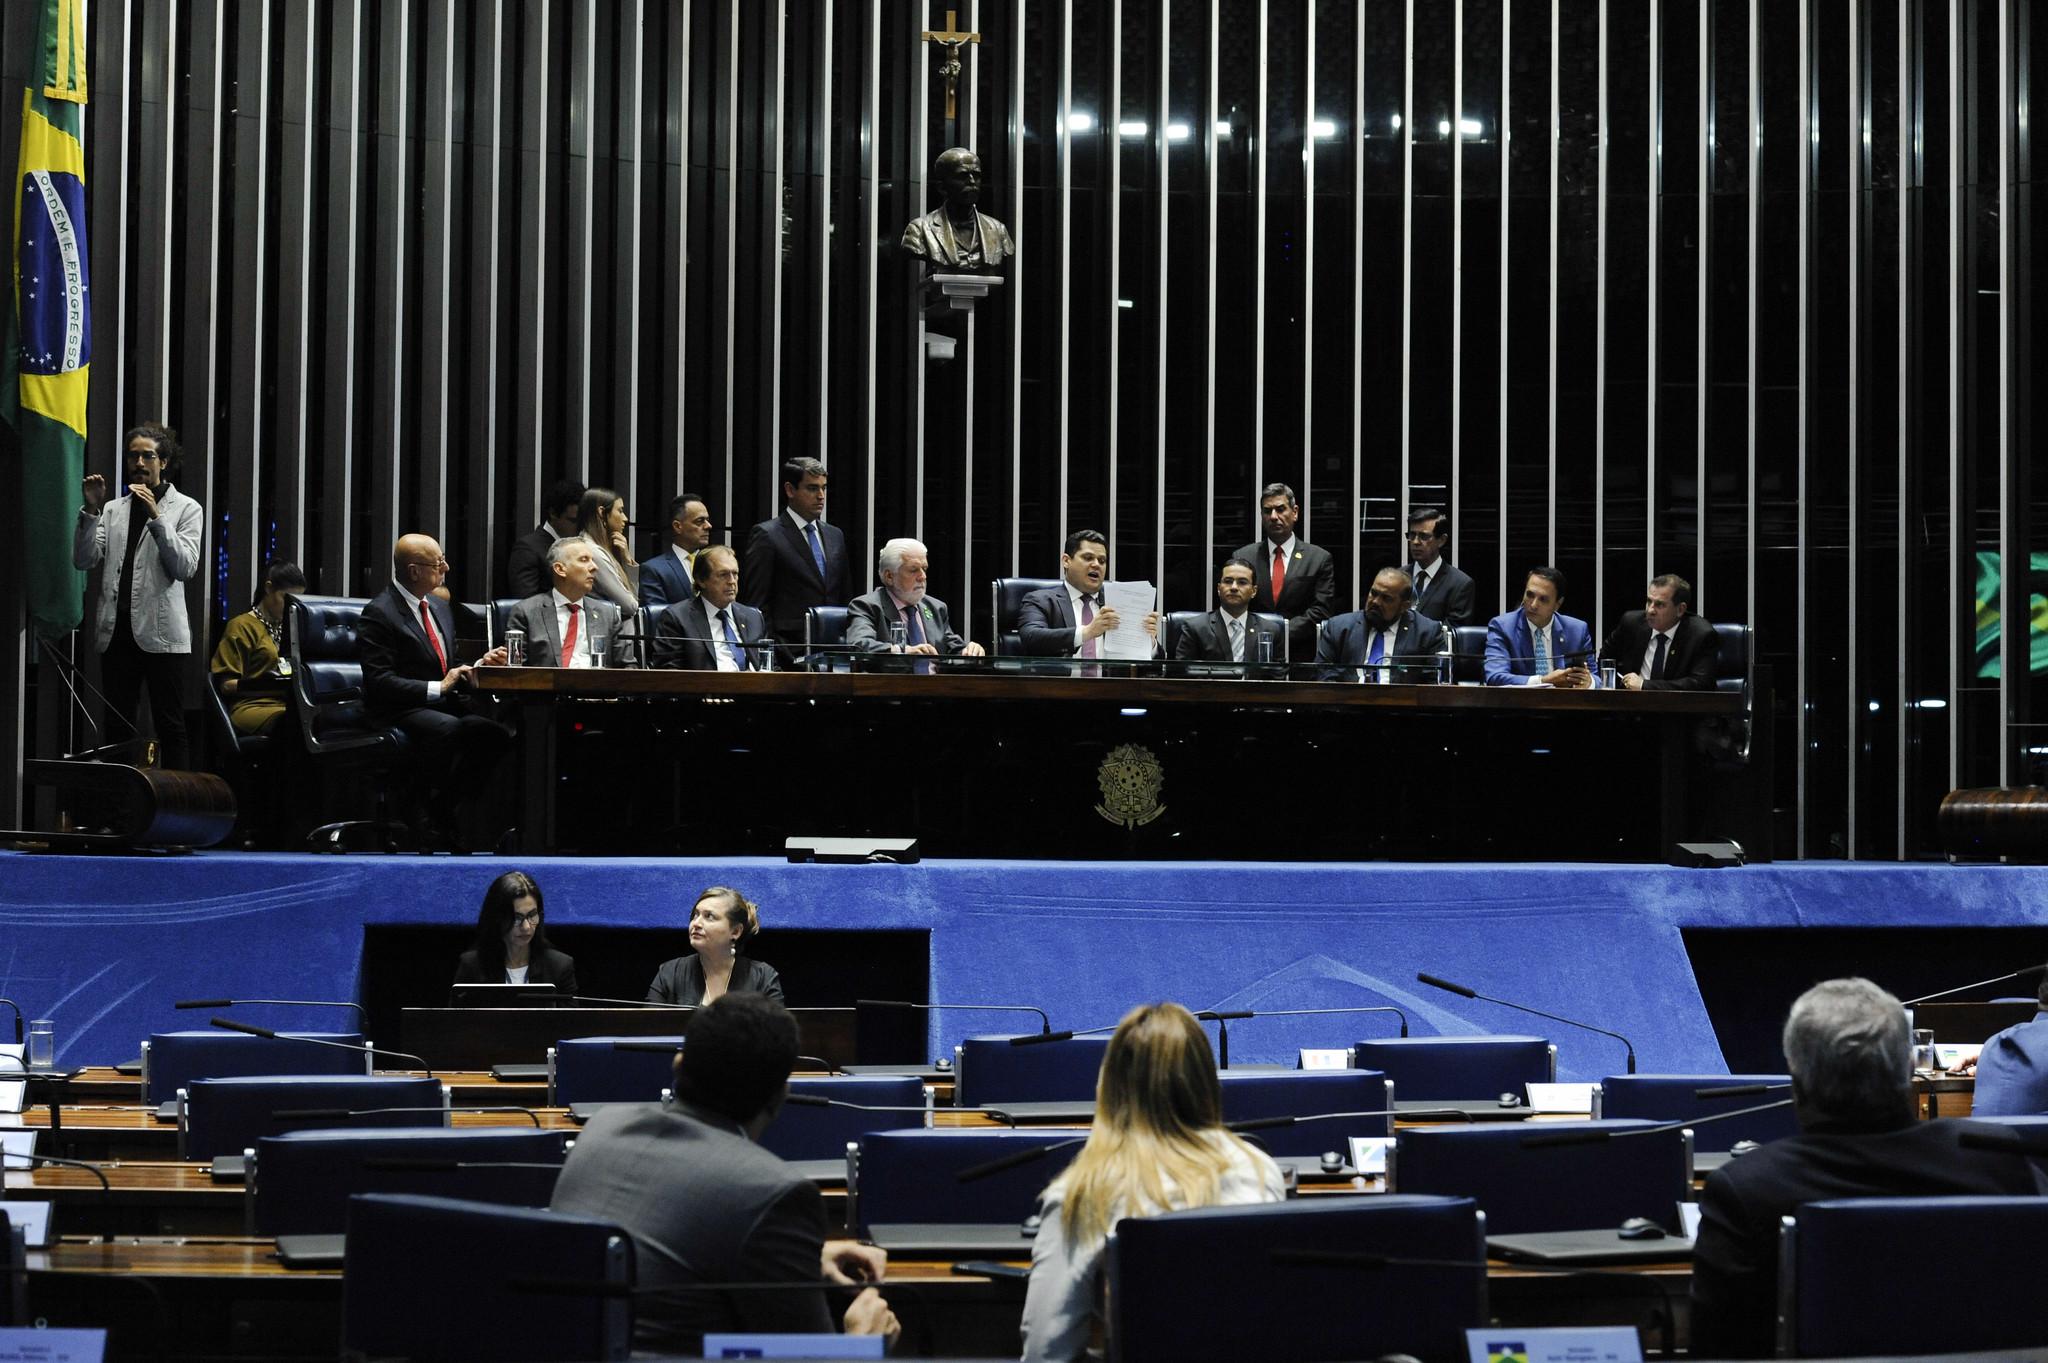 Administração Pública - geral - promulgação emenda constitucional orçamento impositivo emendas bancadas Davi Alcolumbre (presidente do Senado) em 26/06/19